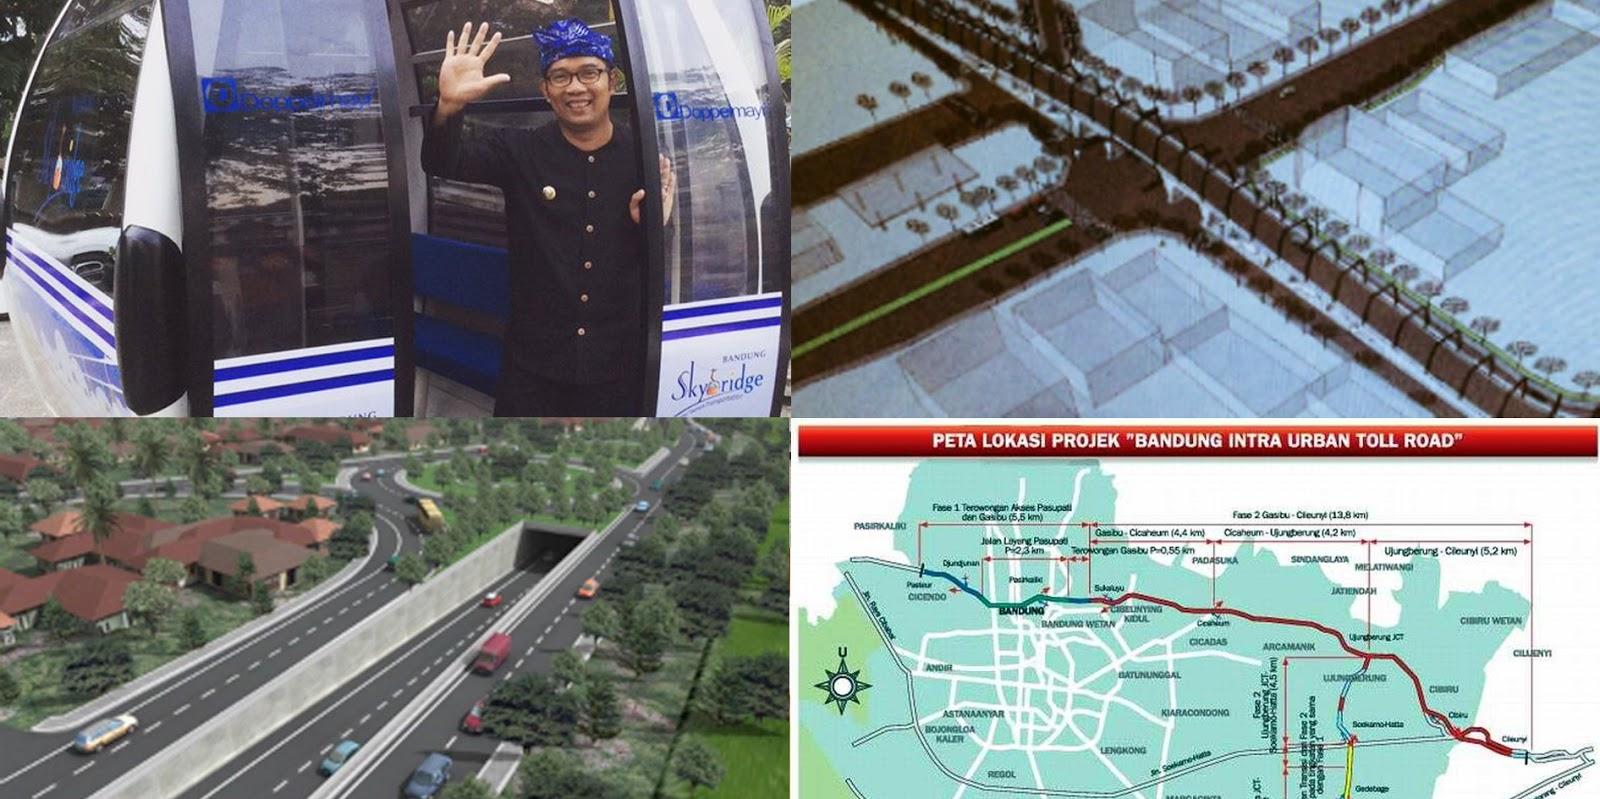 cable car Bandung terowongan cibiru jalan tol kota Bandung